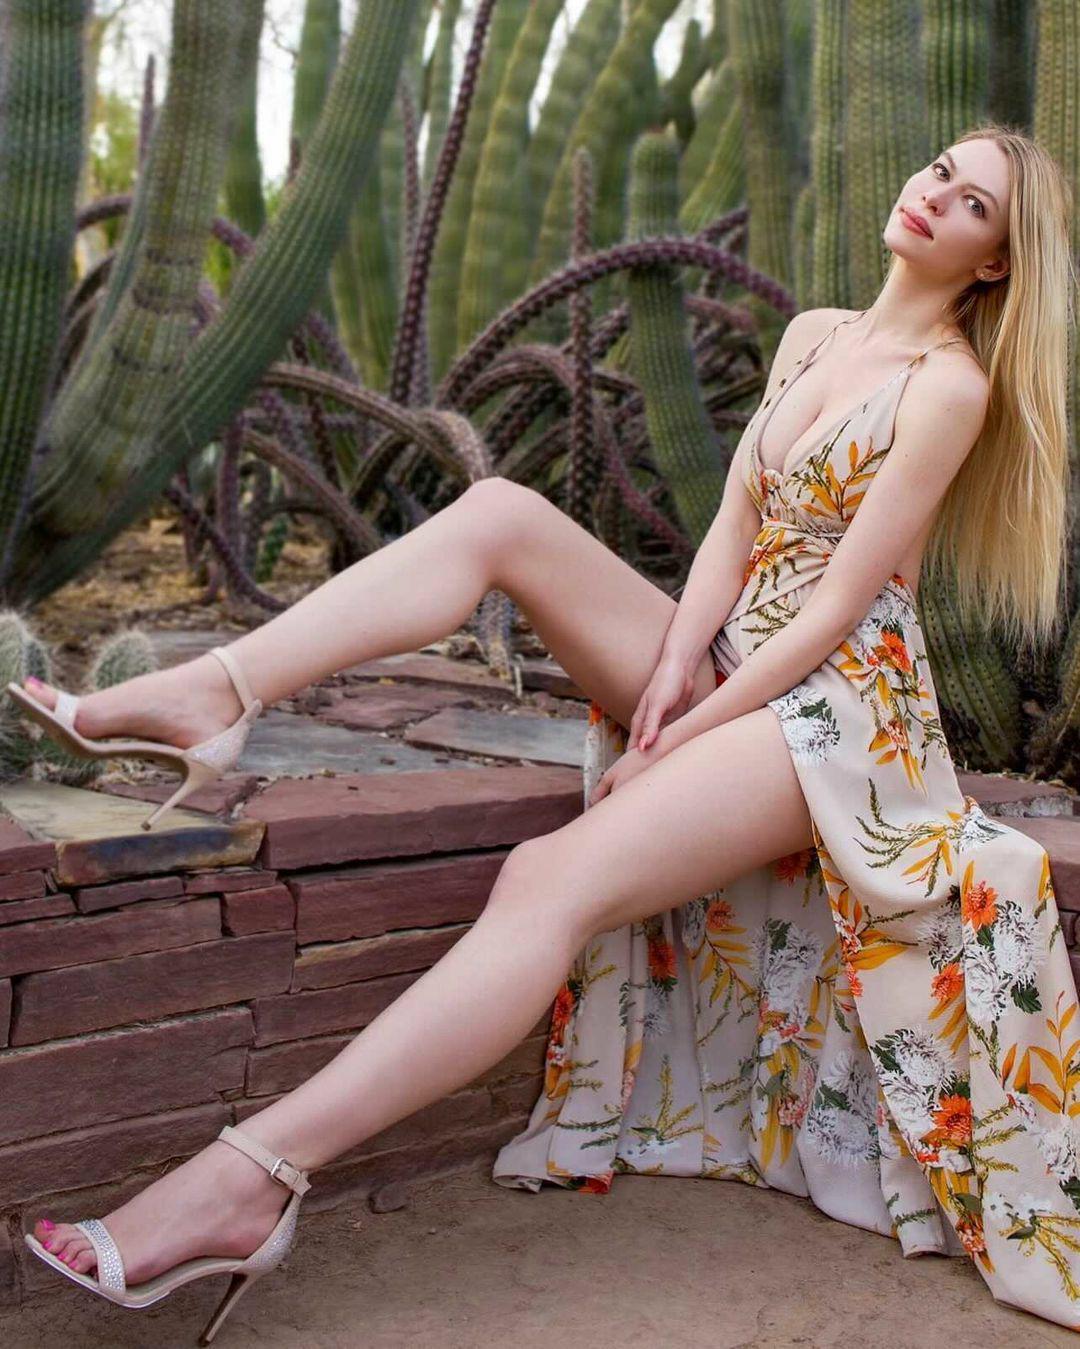 You Like The Sun Dress?